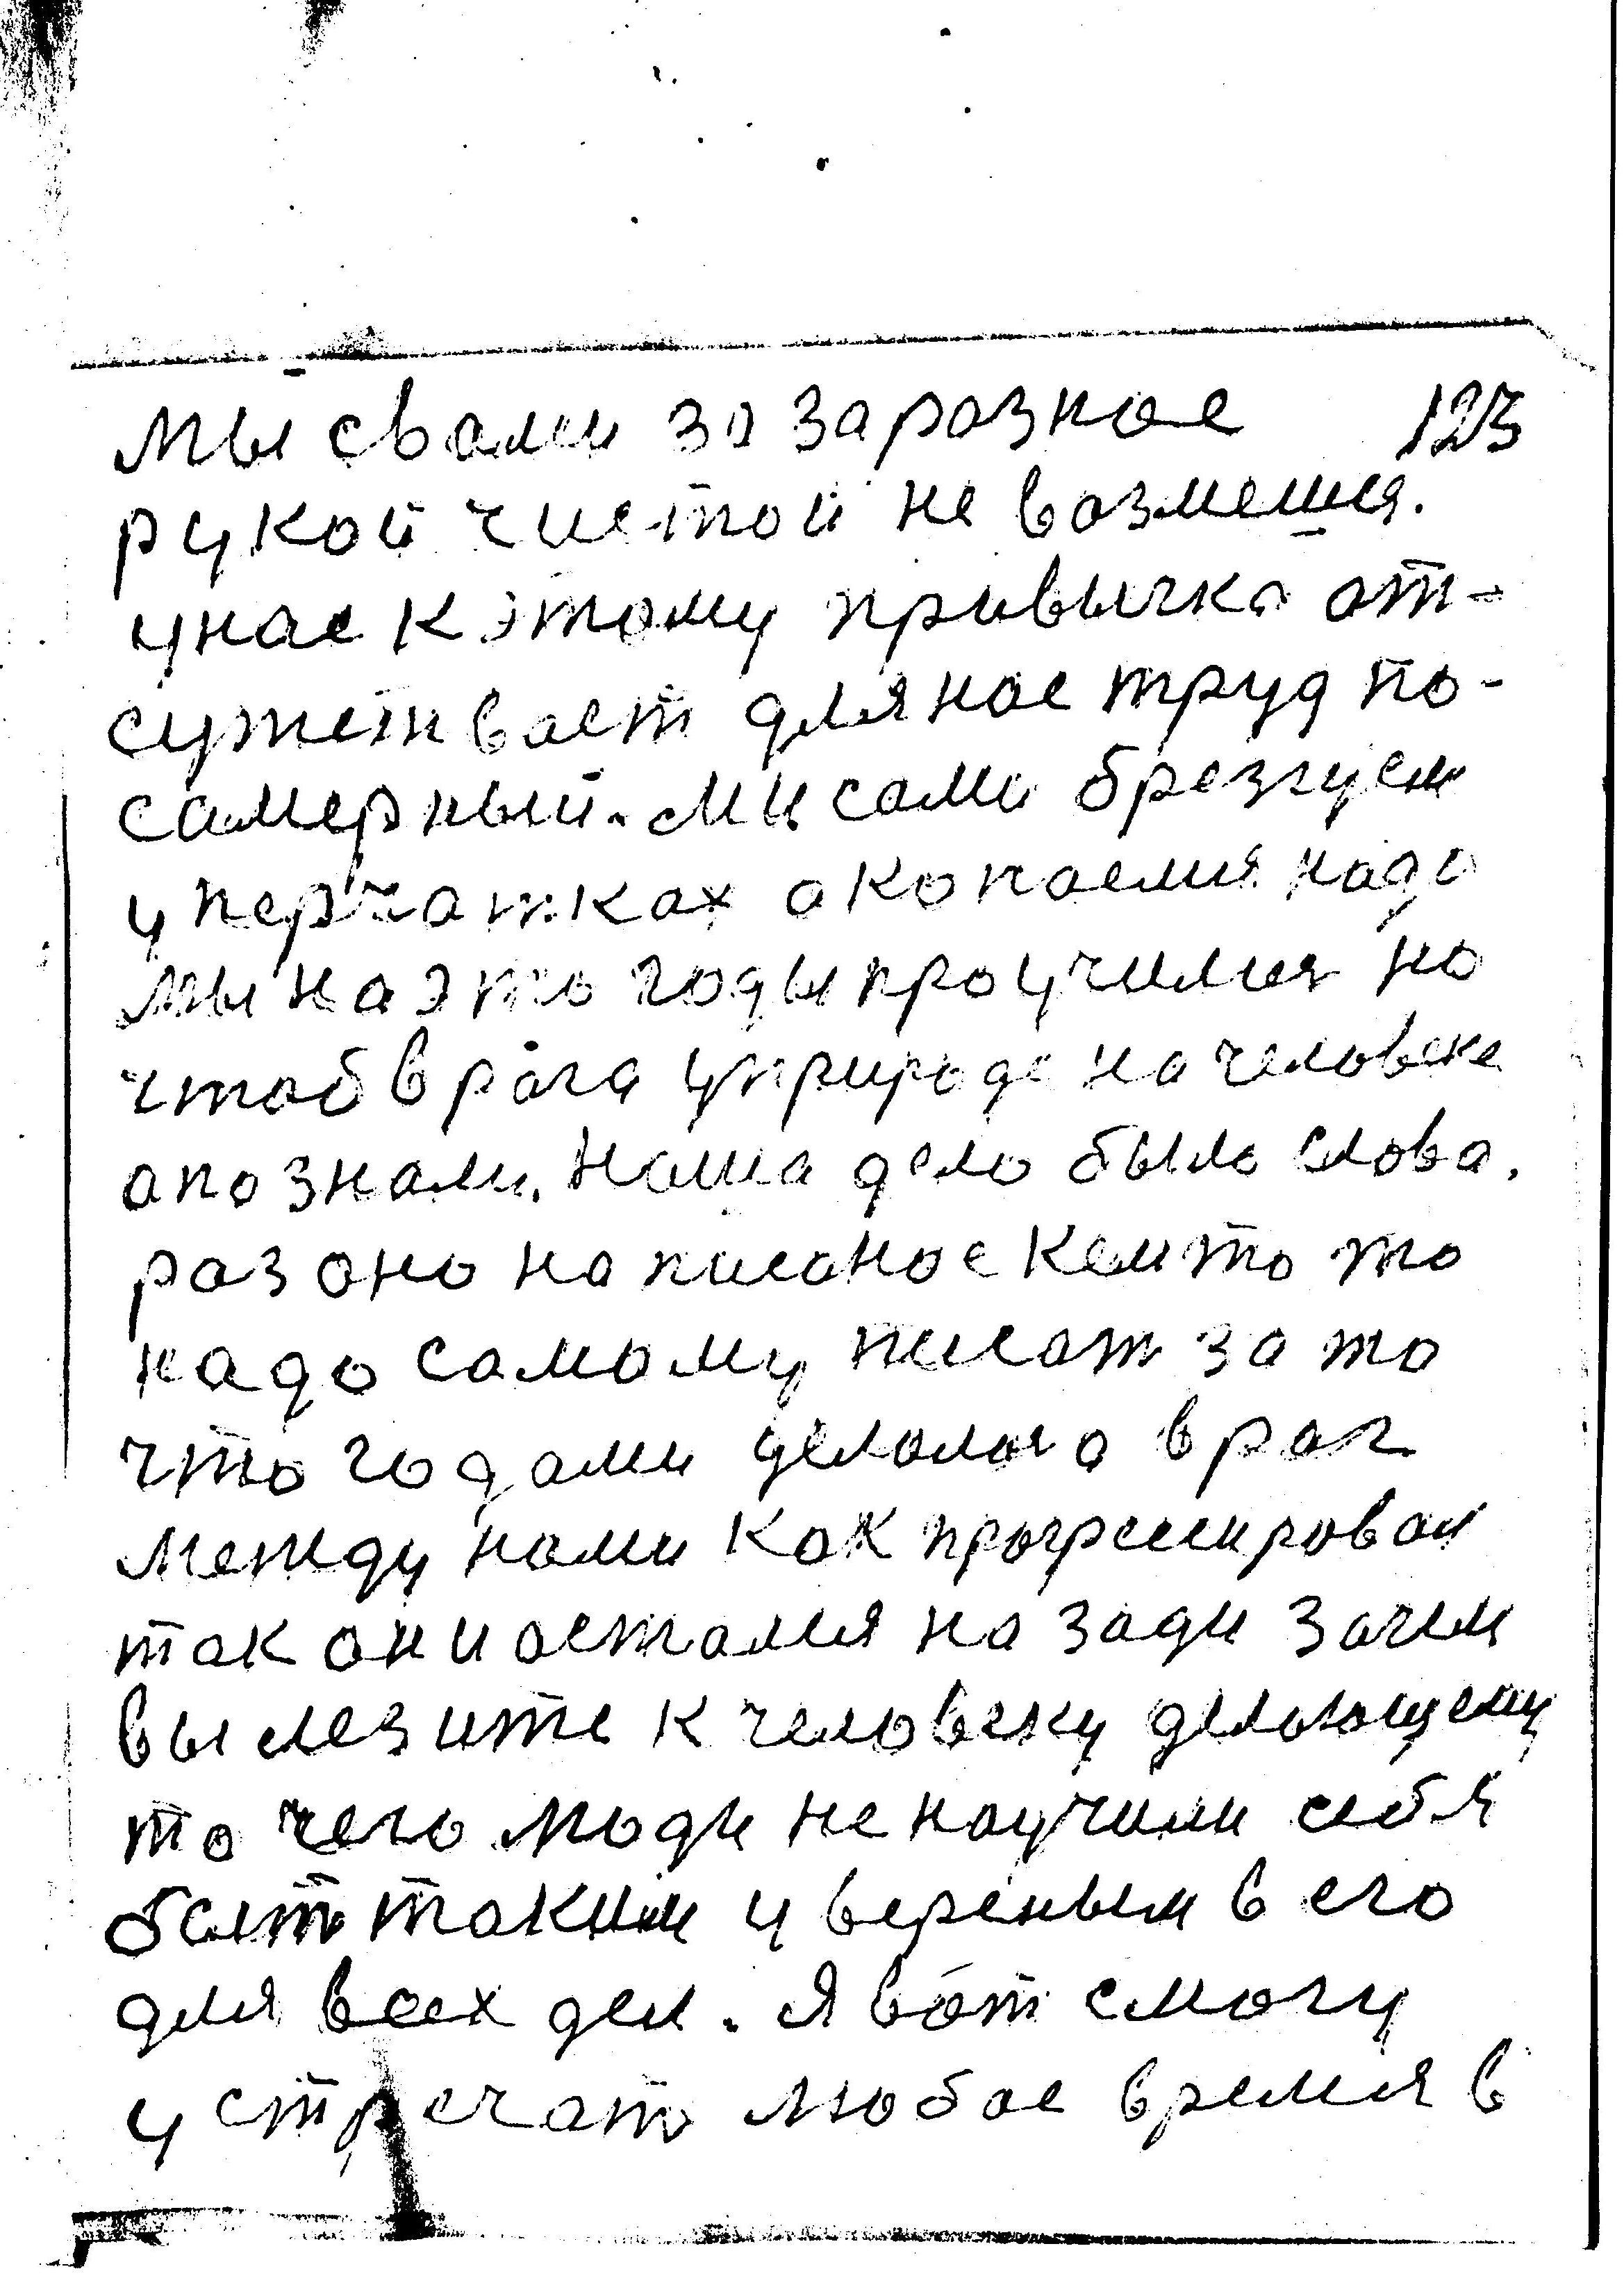 71-123.jpg